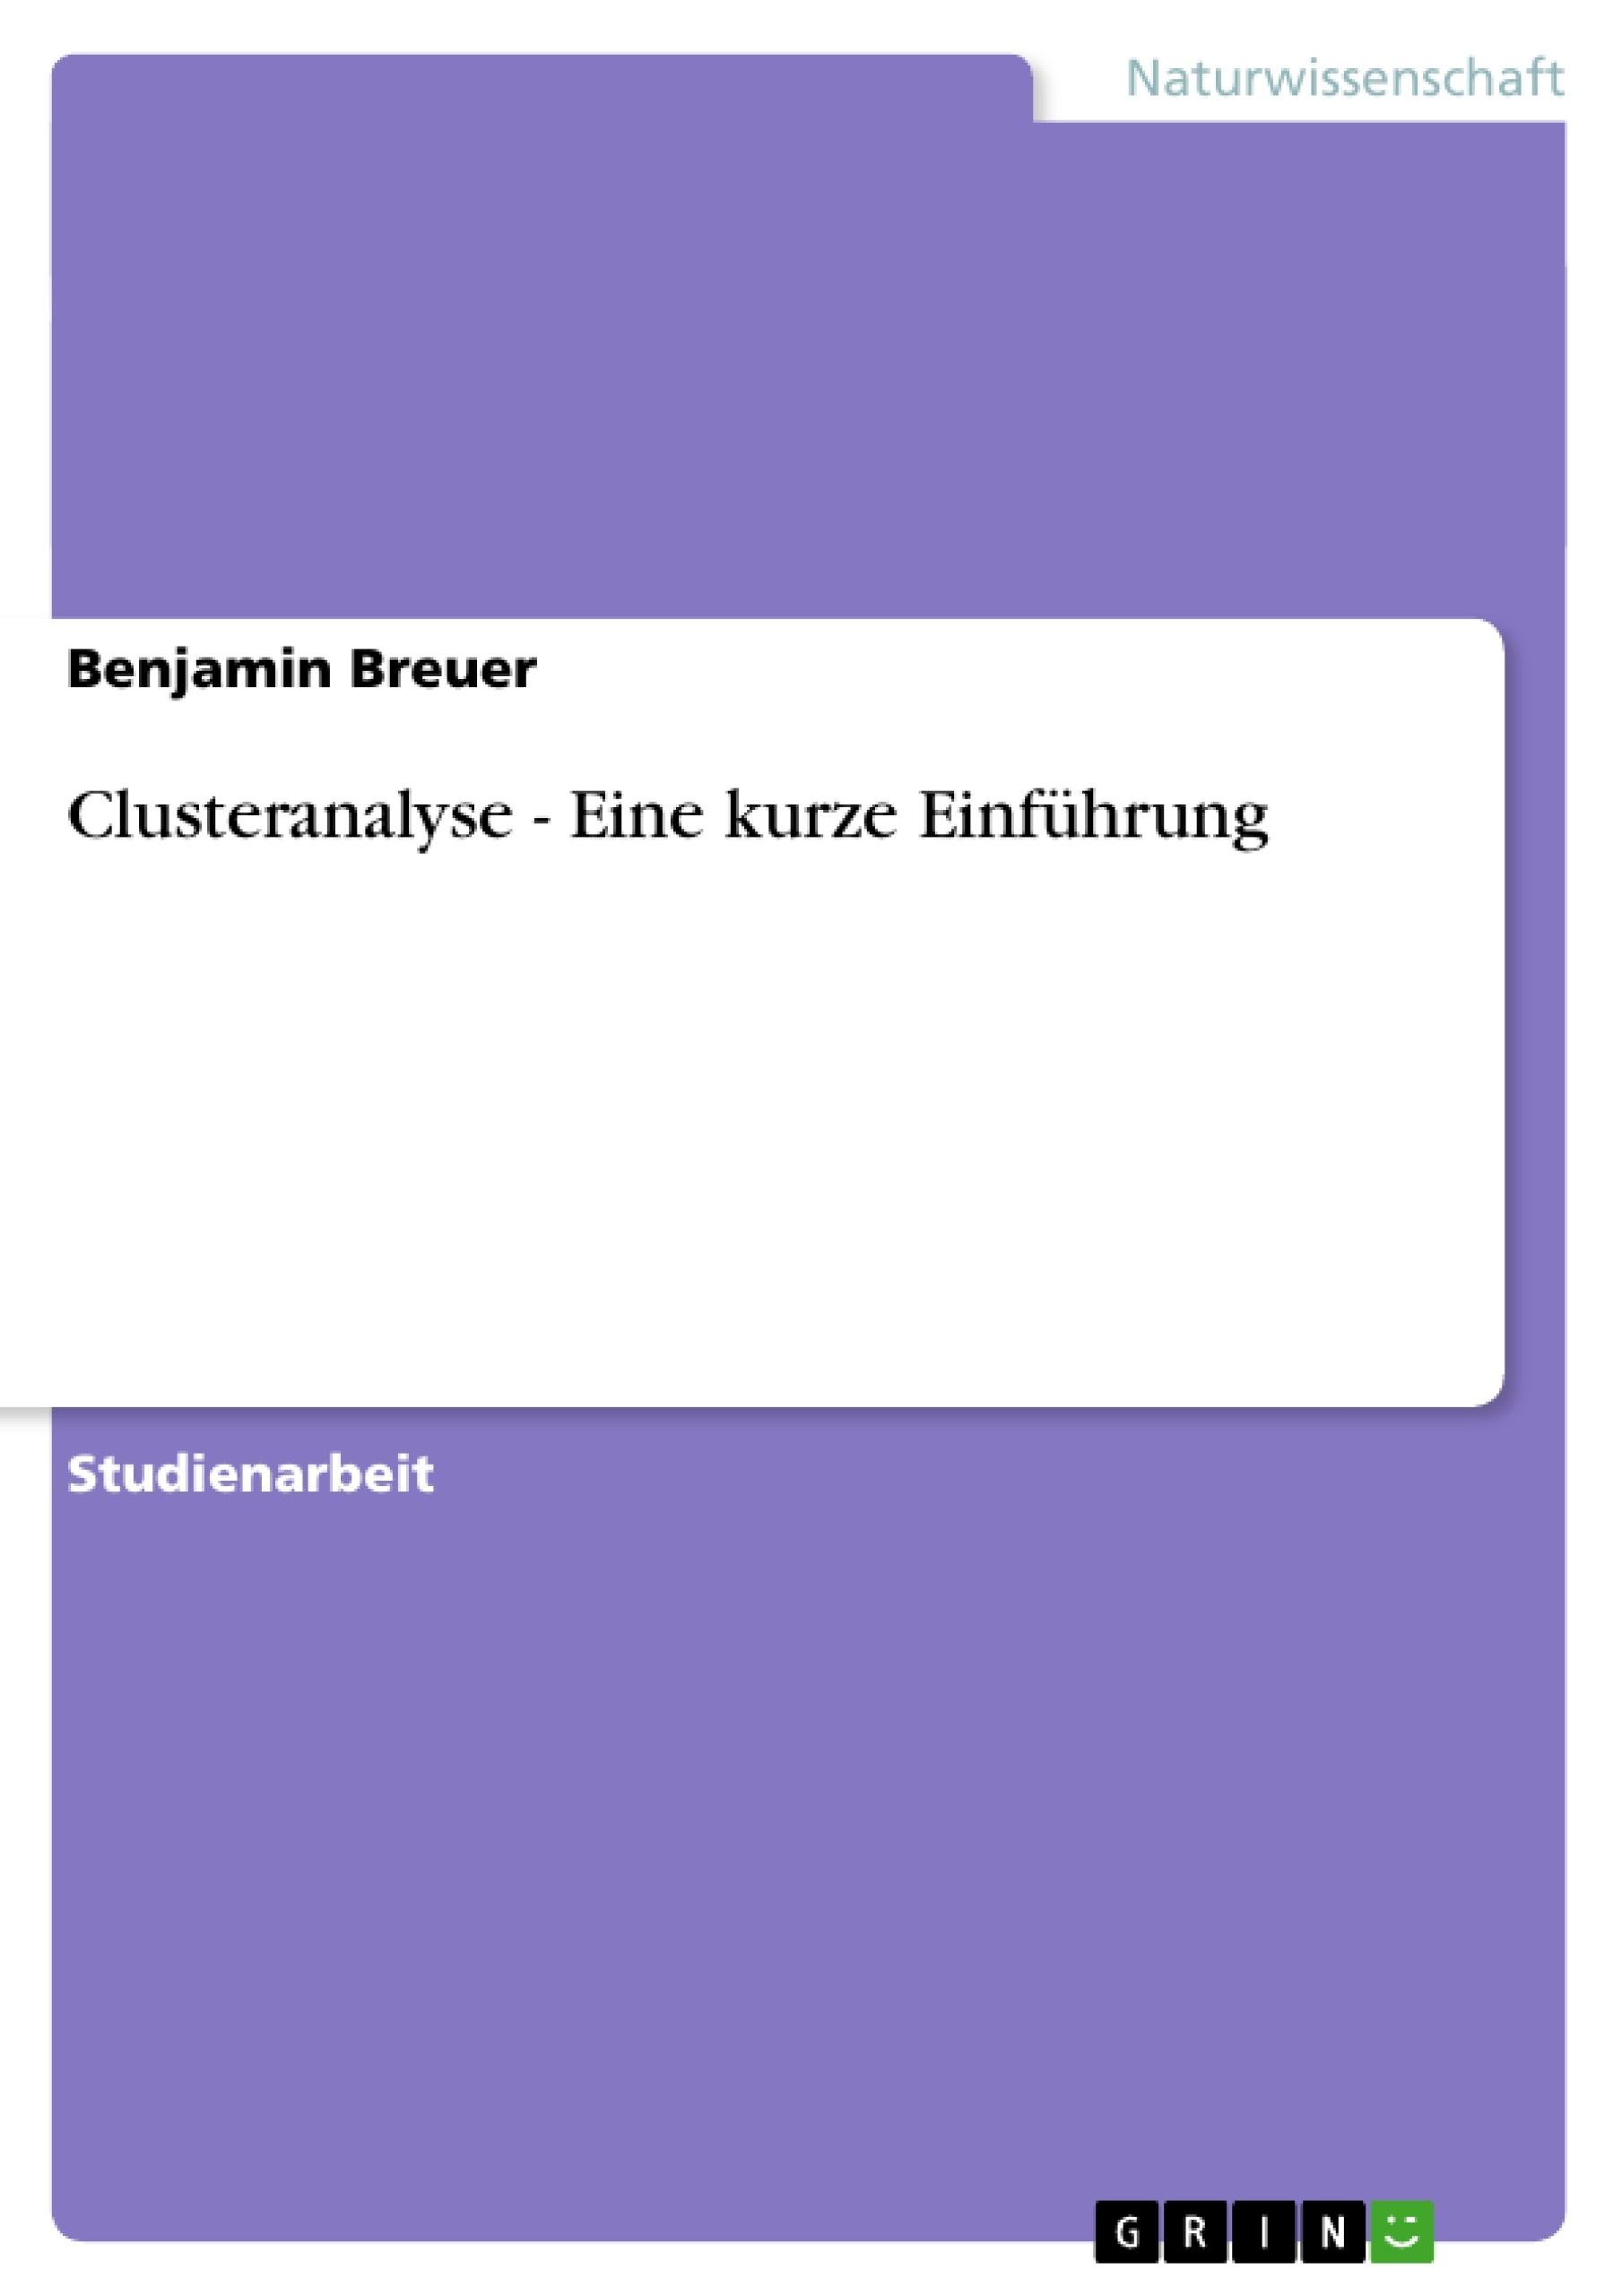 Titel: Clusteranalyse - Eine kurze Einführung